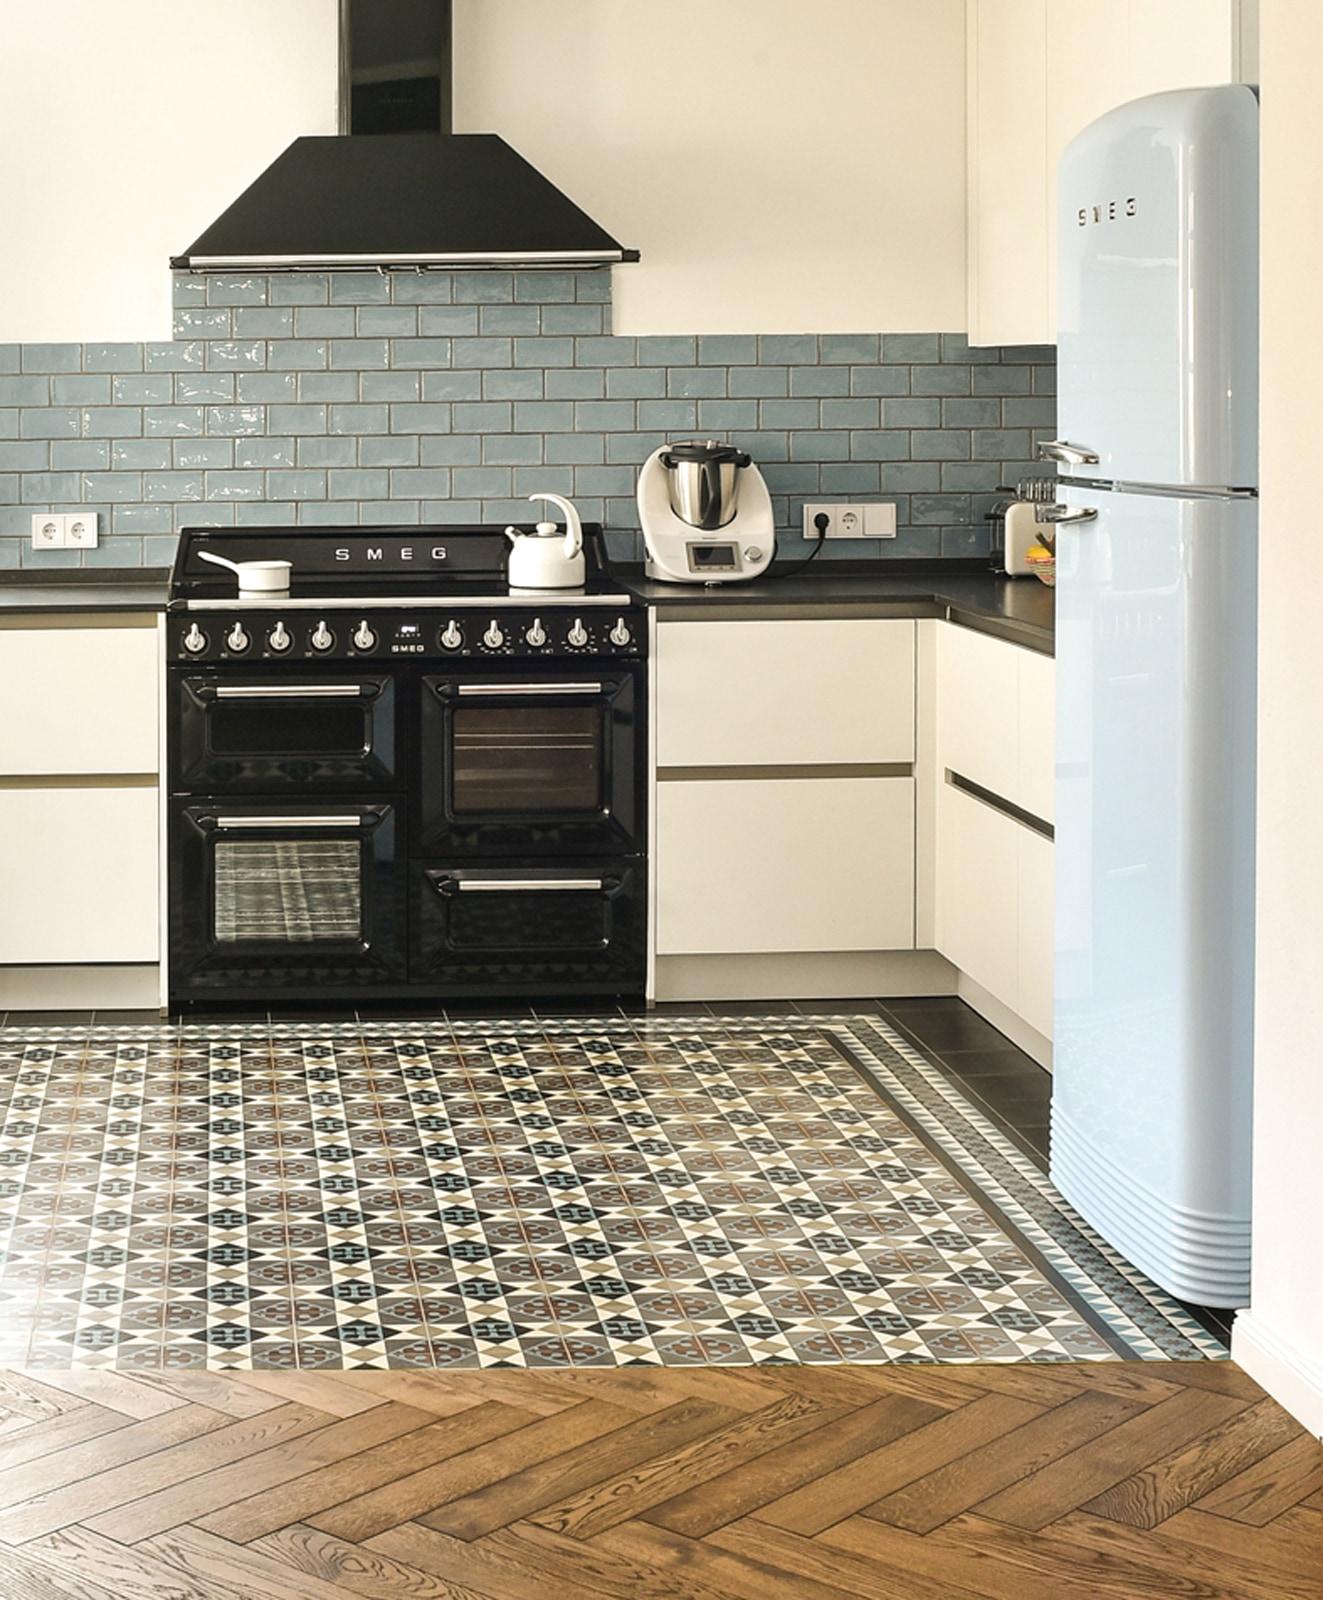 VIA-zementmosaikplatte-nummer-12572-S.Fischbacher-Living-Küche-viaplatten |